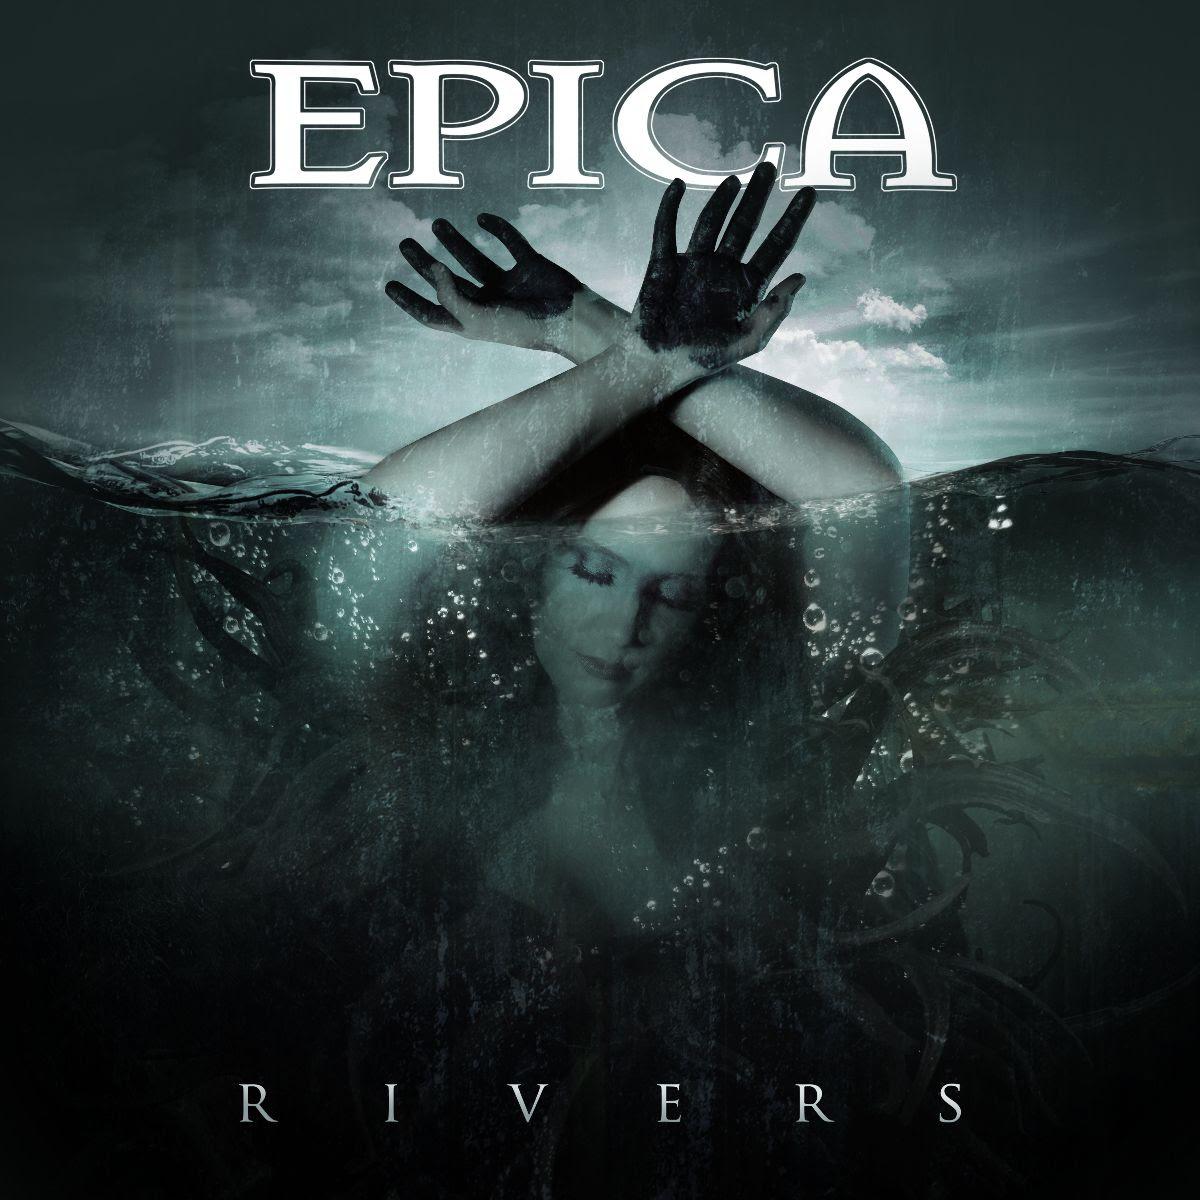 EPICA – pubblicano il video del terzo singolo 'Rivers'!